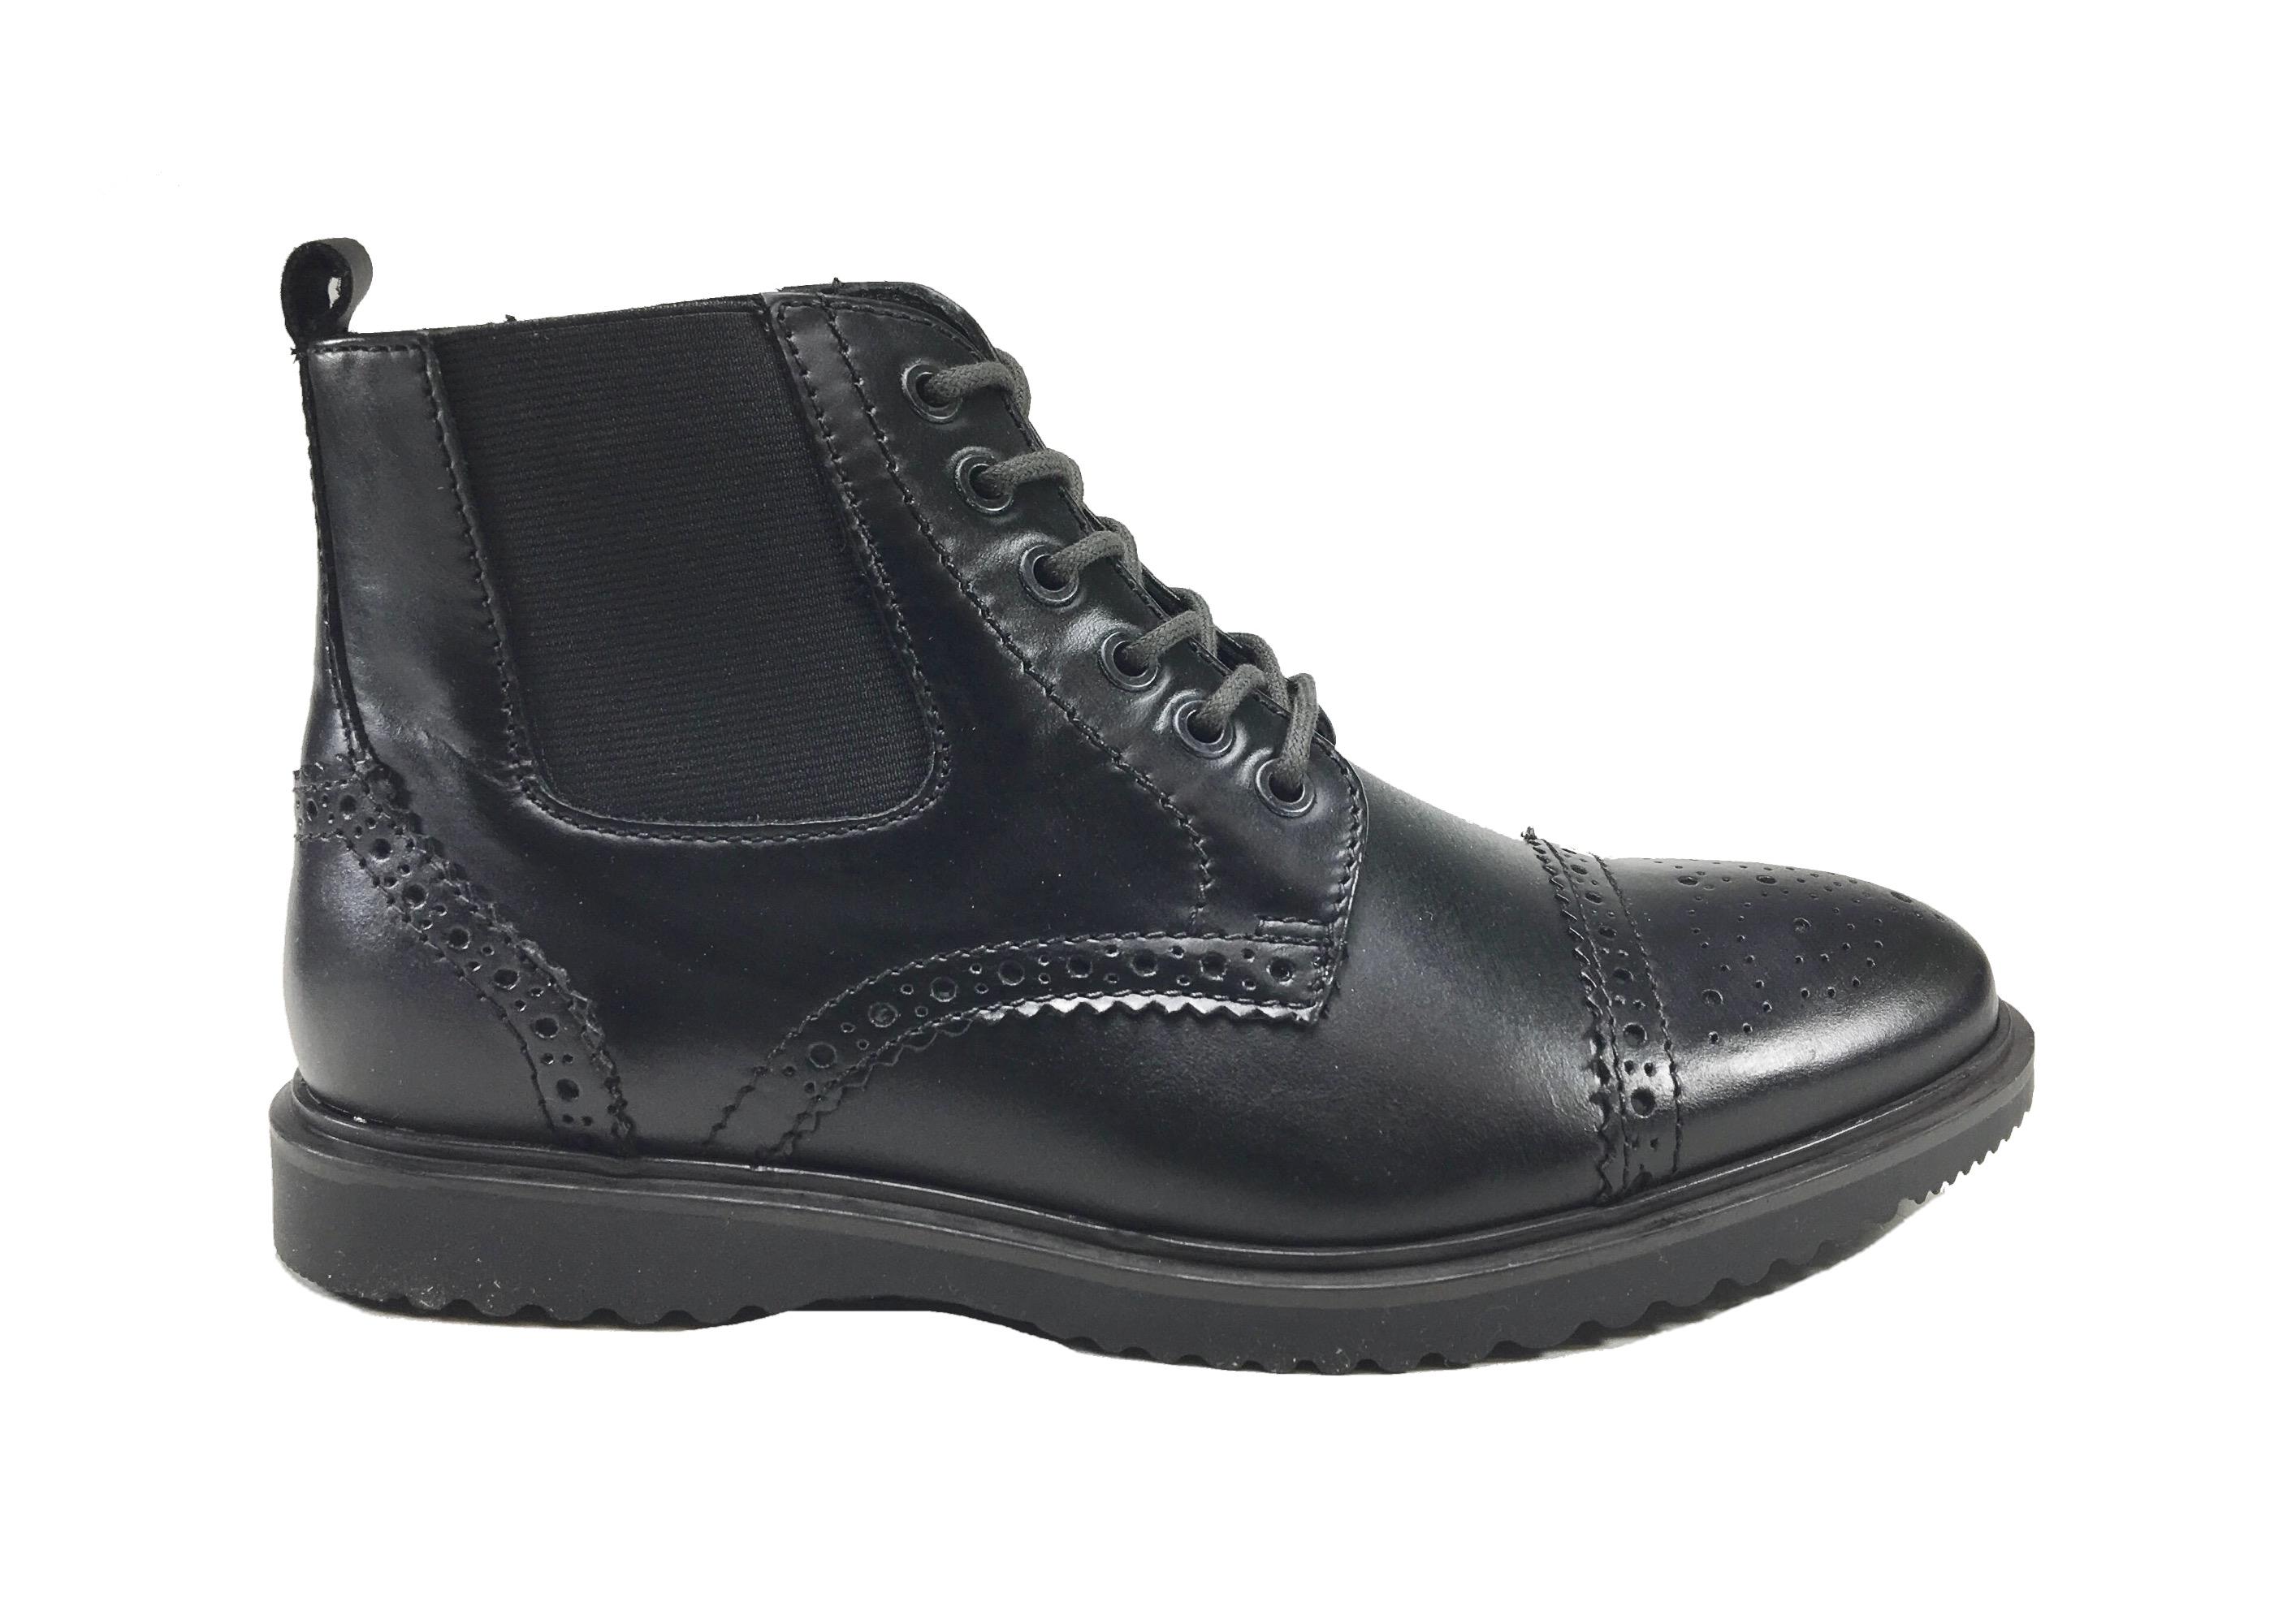 Scarpe uomo scarponcino moda casual   elegante in PELLE fondo gomma ... 9d0f01f8820